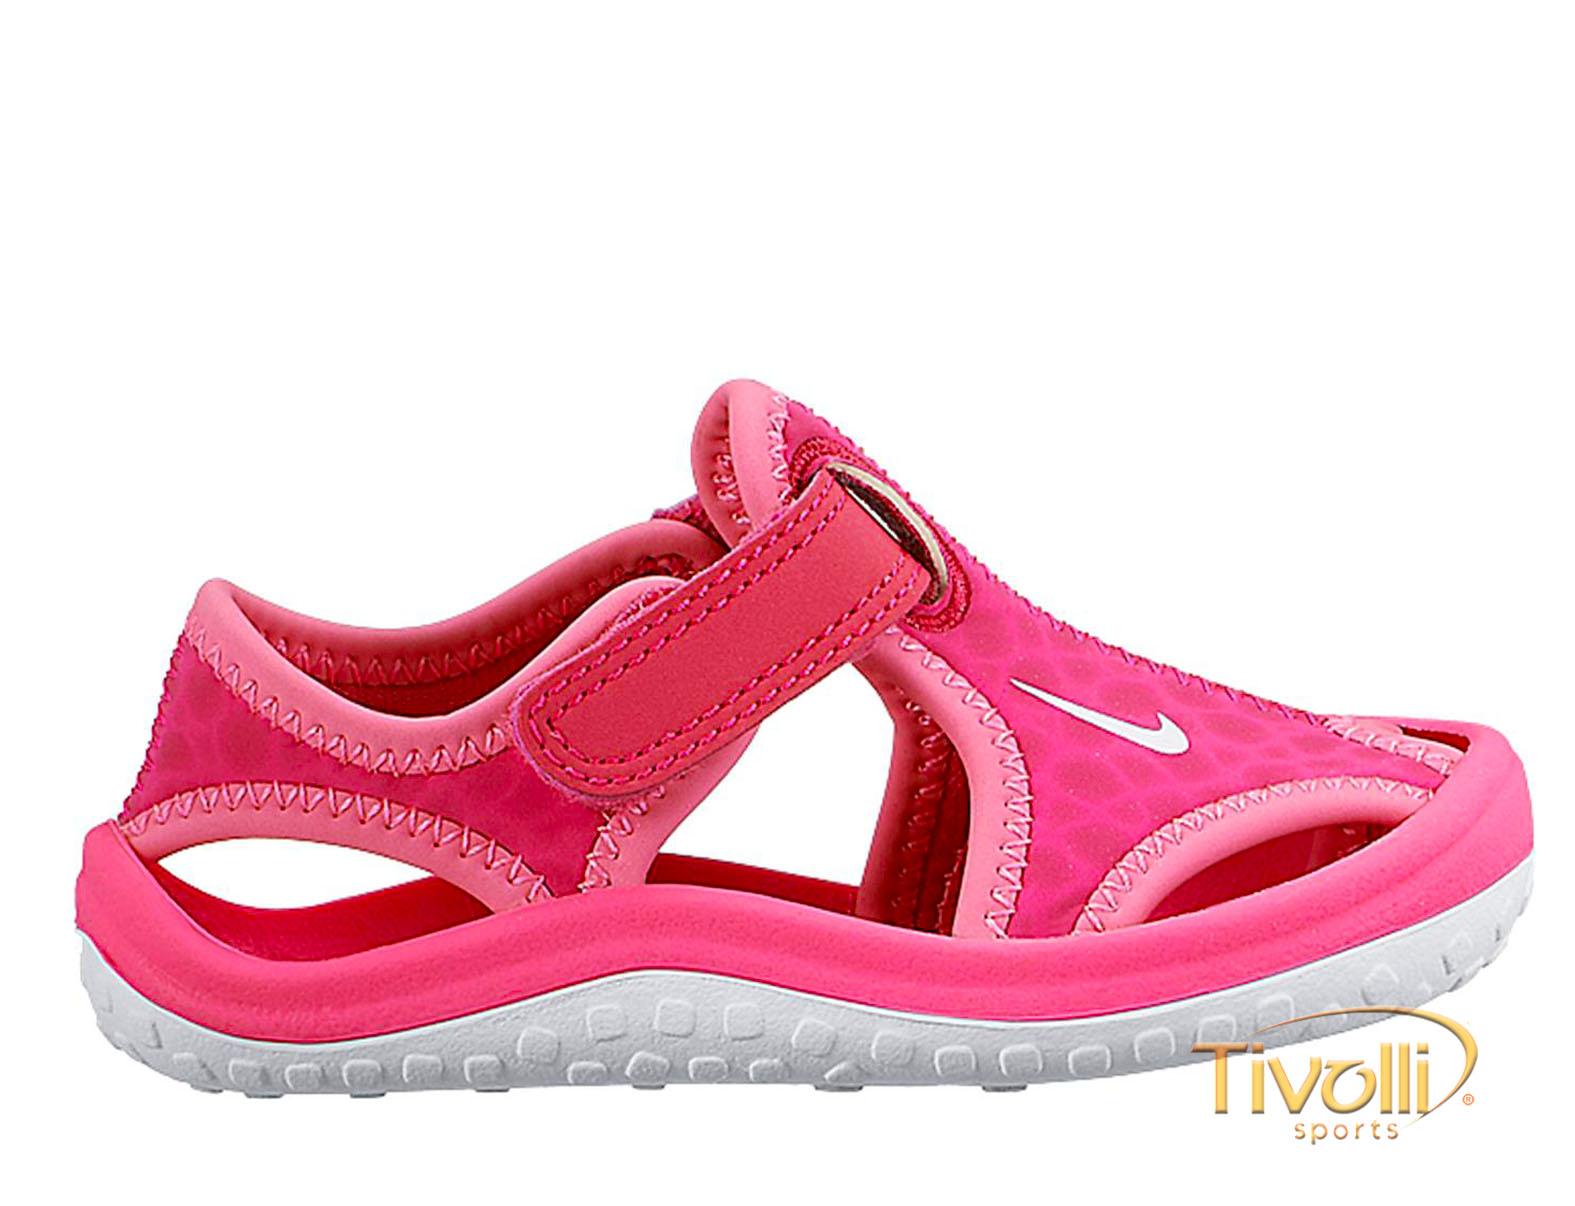 03be0de6d Sandália Nike Sunray Protect (TD) papete infantil > rosa pink >